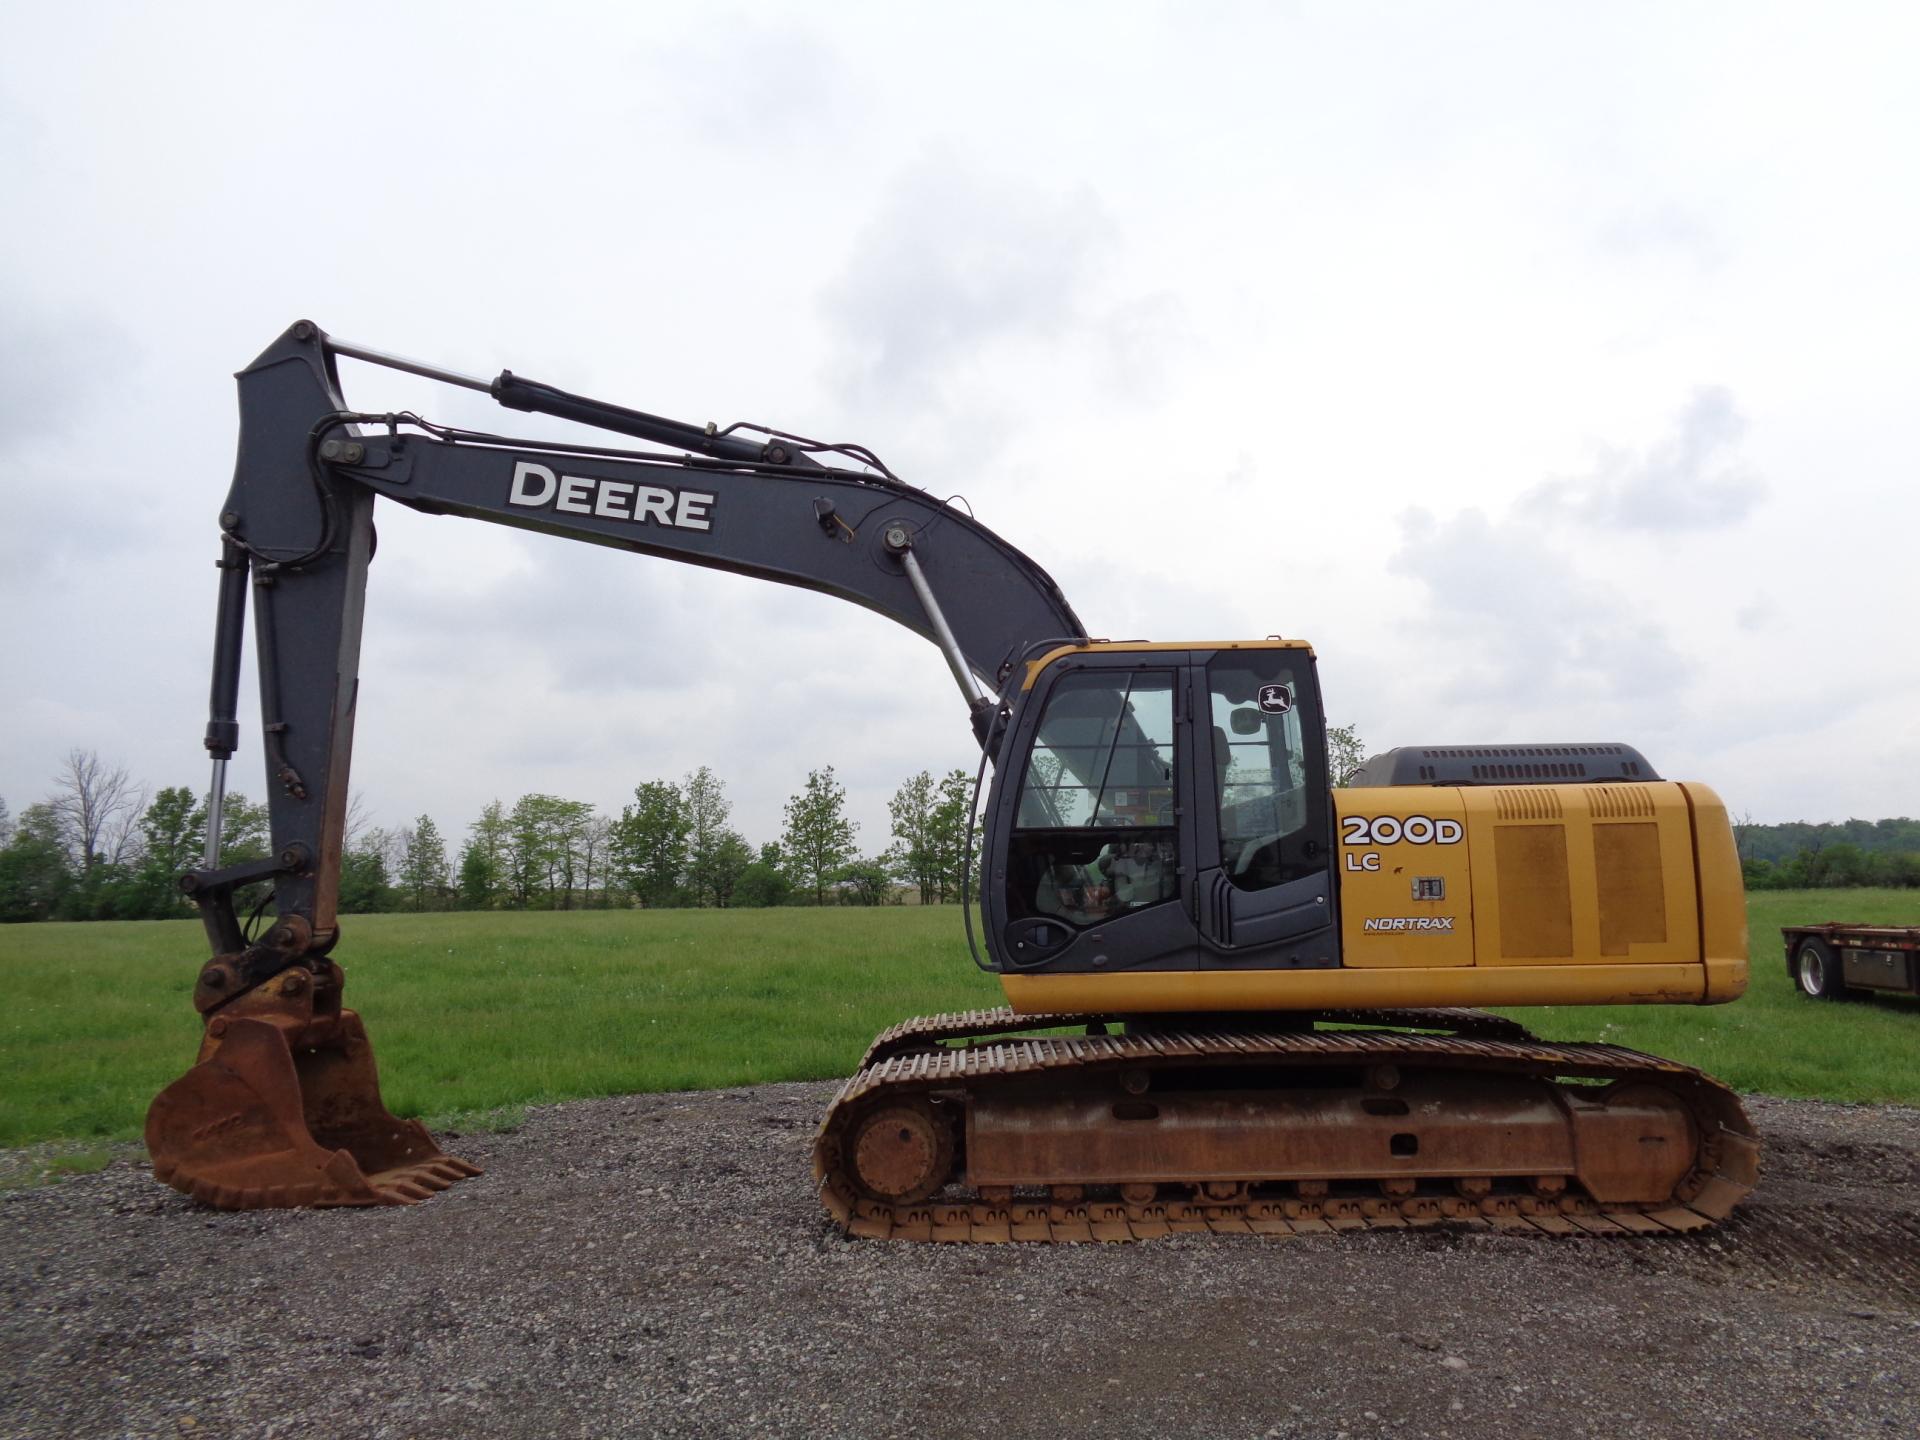 2008 Deere 200D LC     $55,900